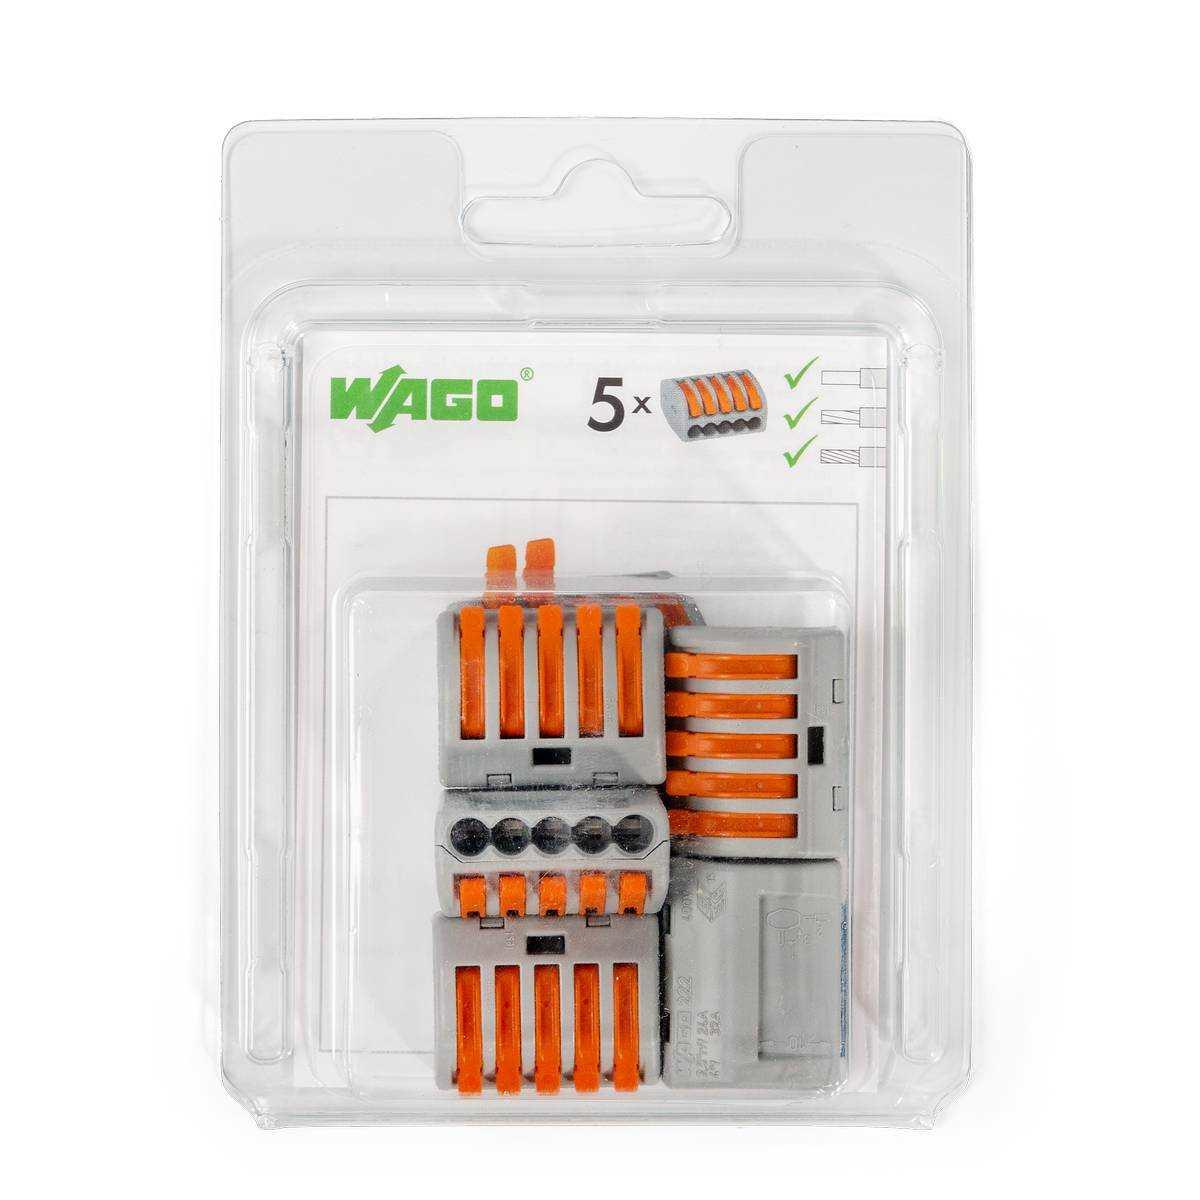 Мини-упаковка рычажковых универсальных клемм «Wago» в блистерах (без контактной пасты)